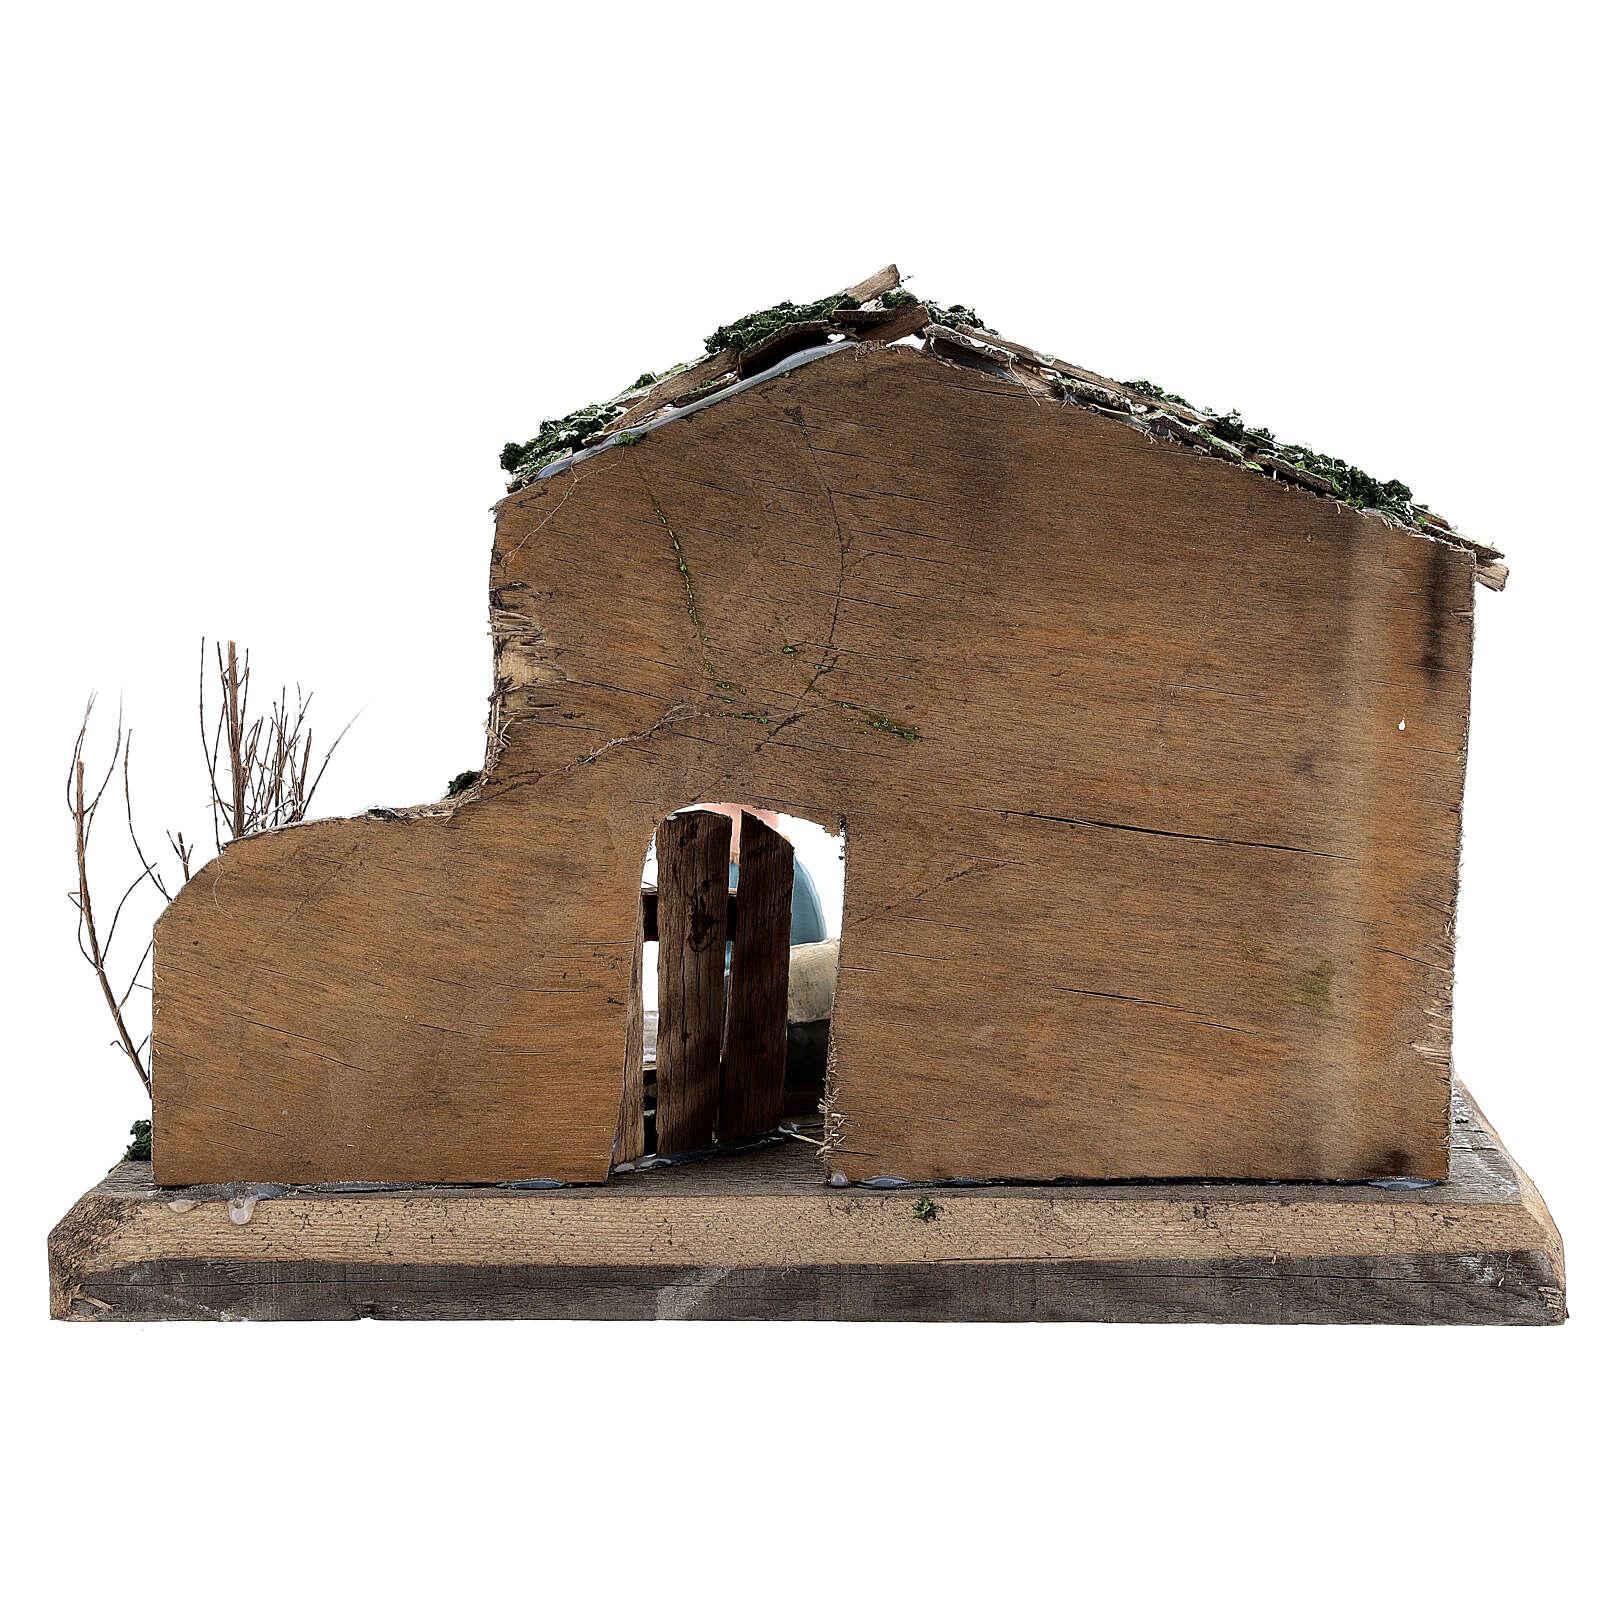 Cabane Nativité peinte terre cuite Deruta 10 cm bois 20x30x20 cm 4